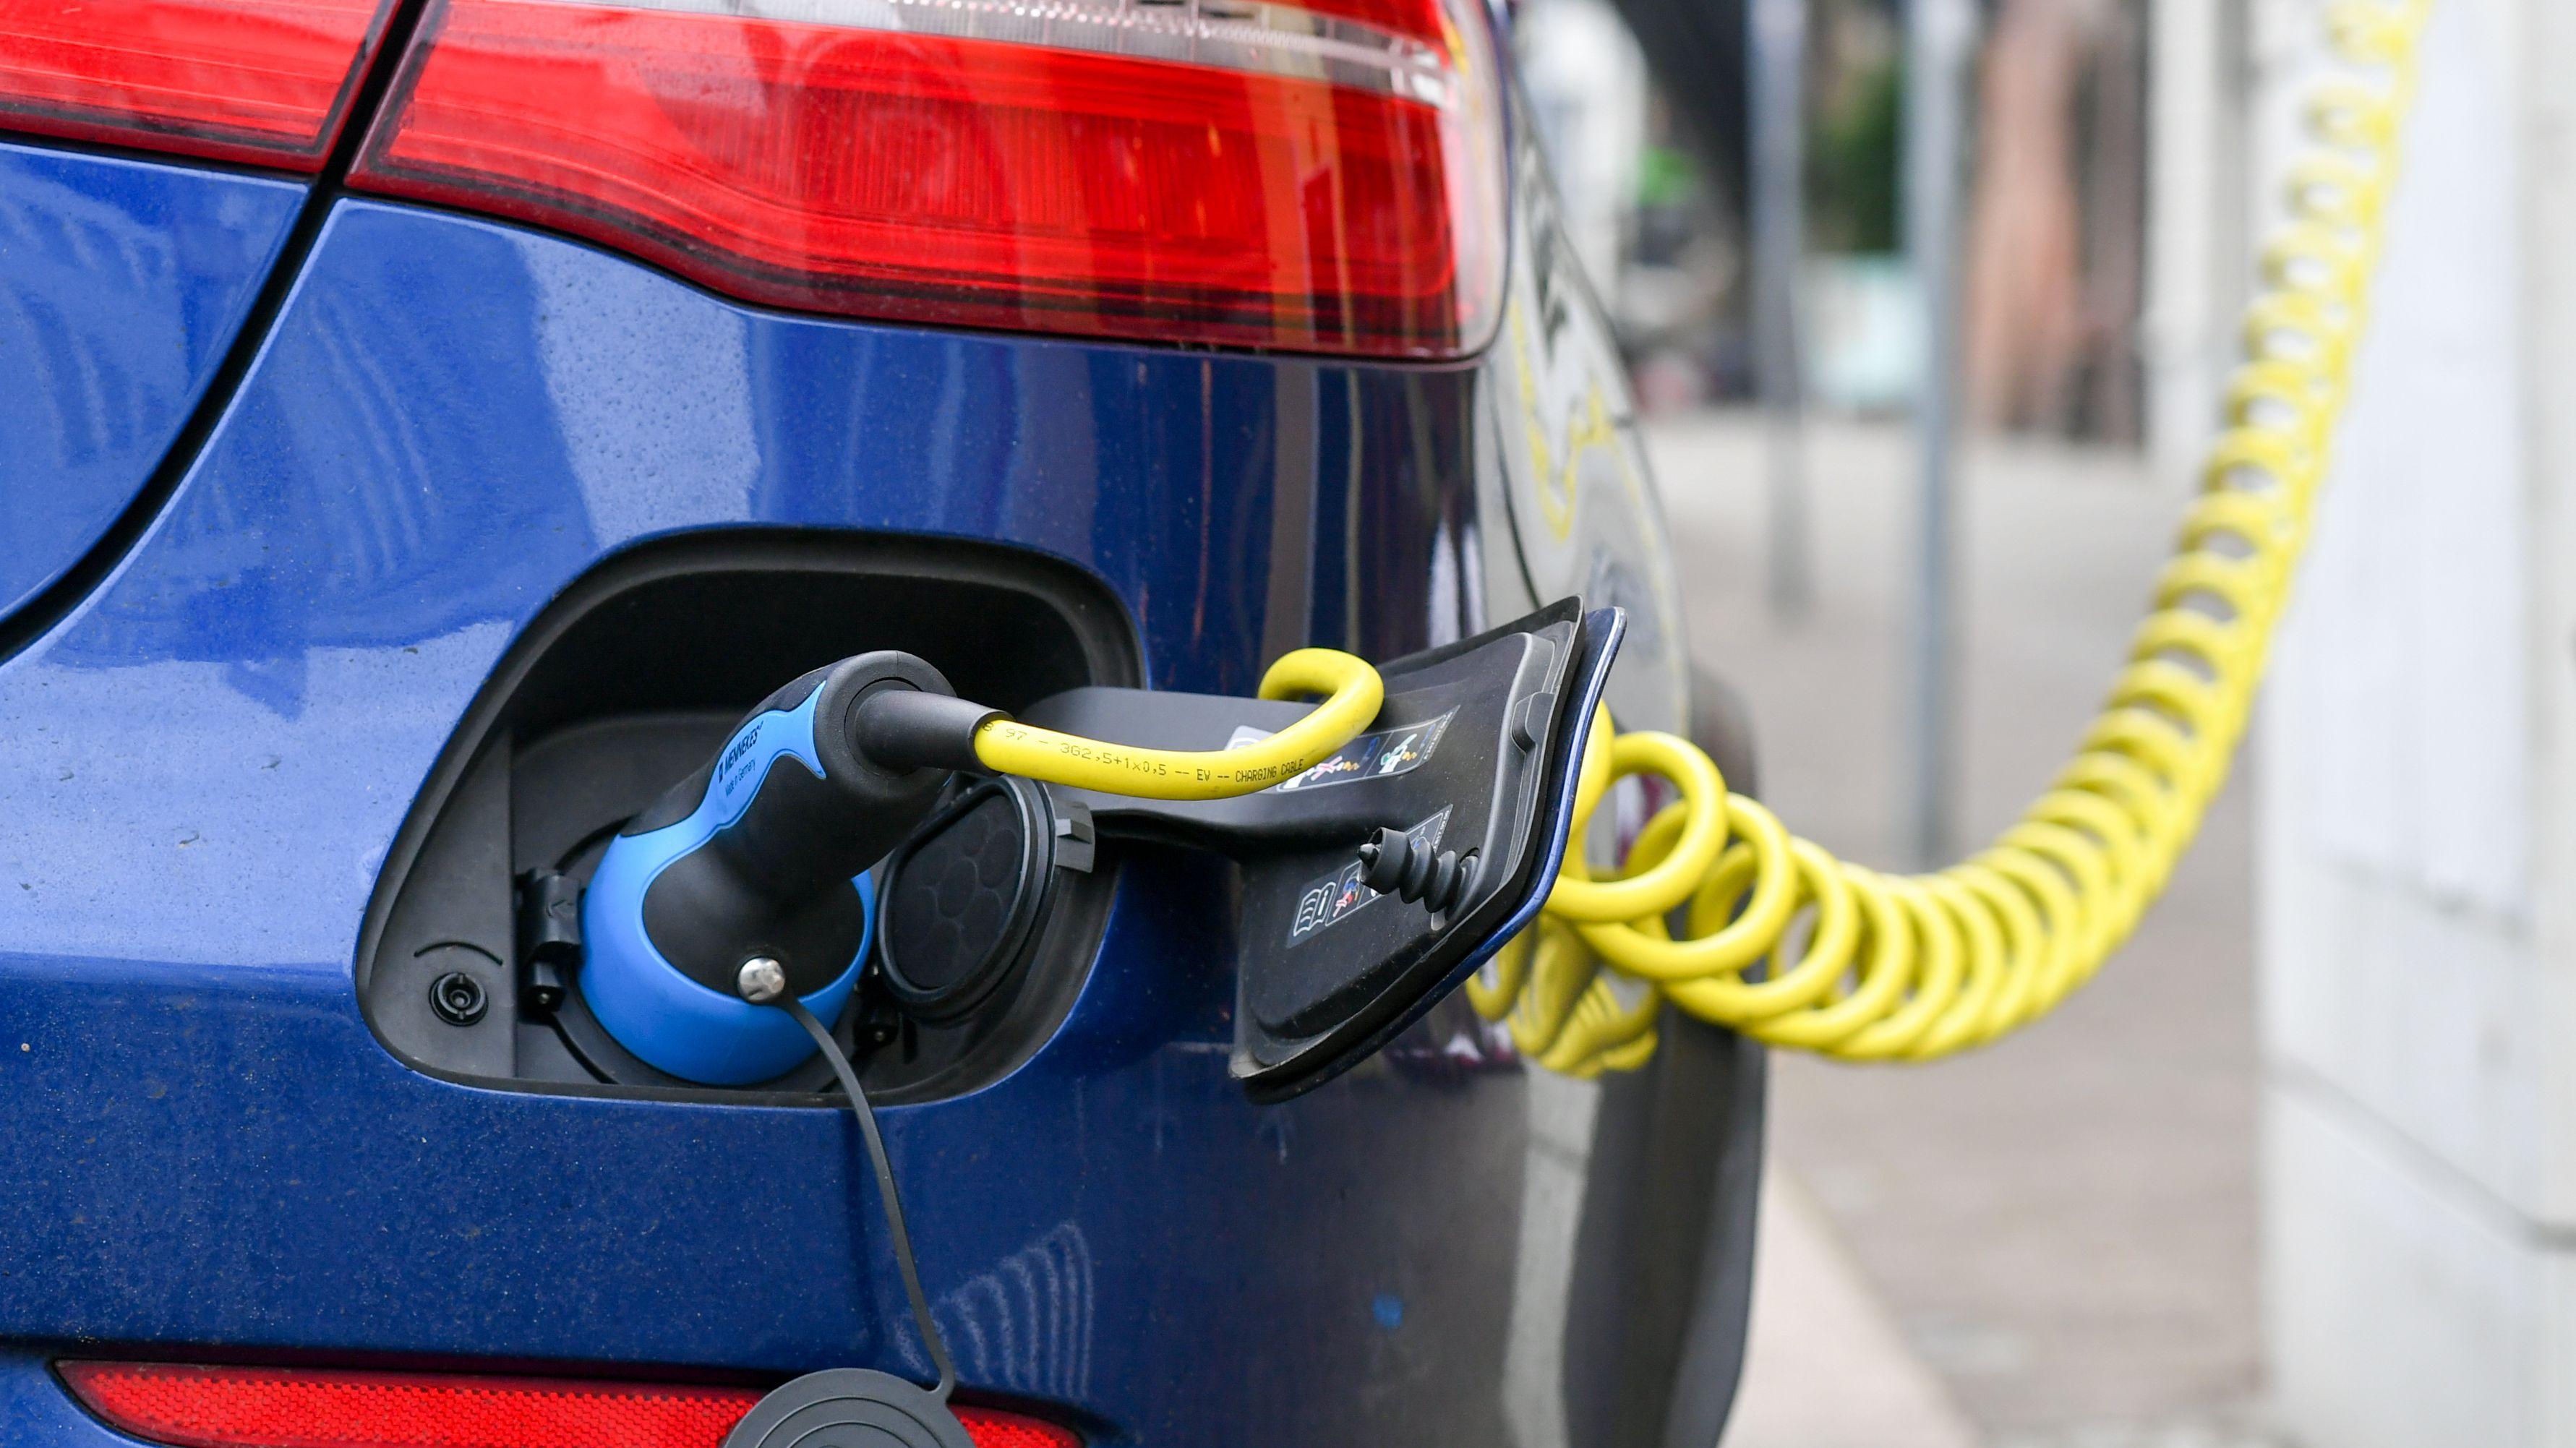 An einer Ladestation wird ein Elektro-Auto geladen.